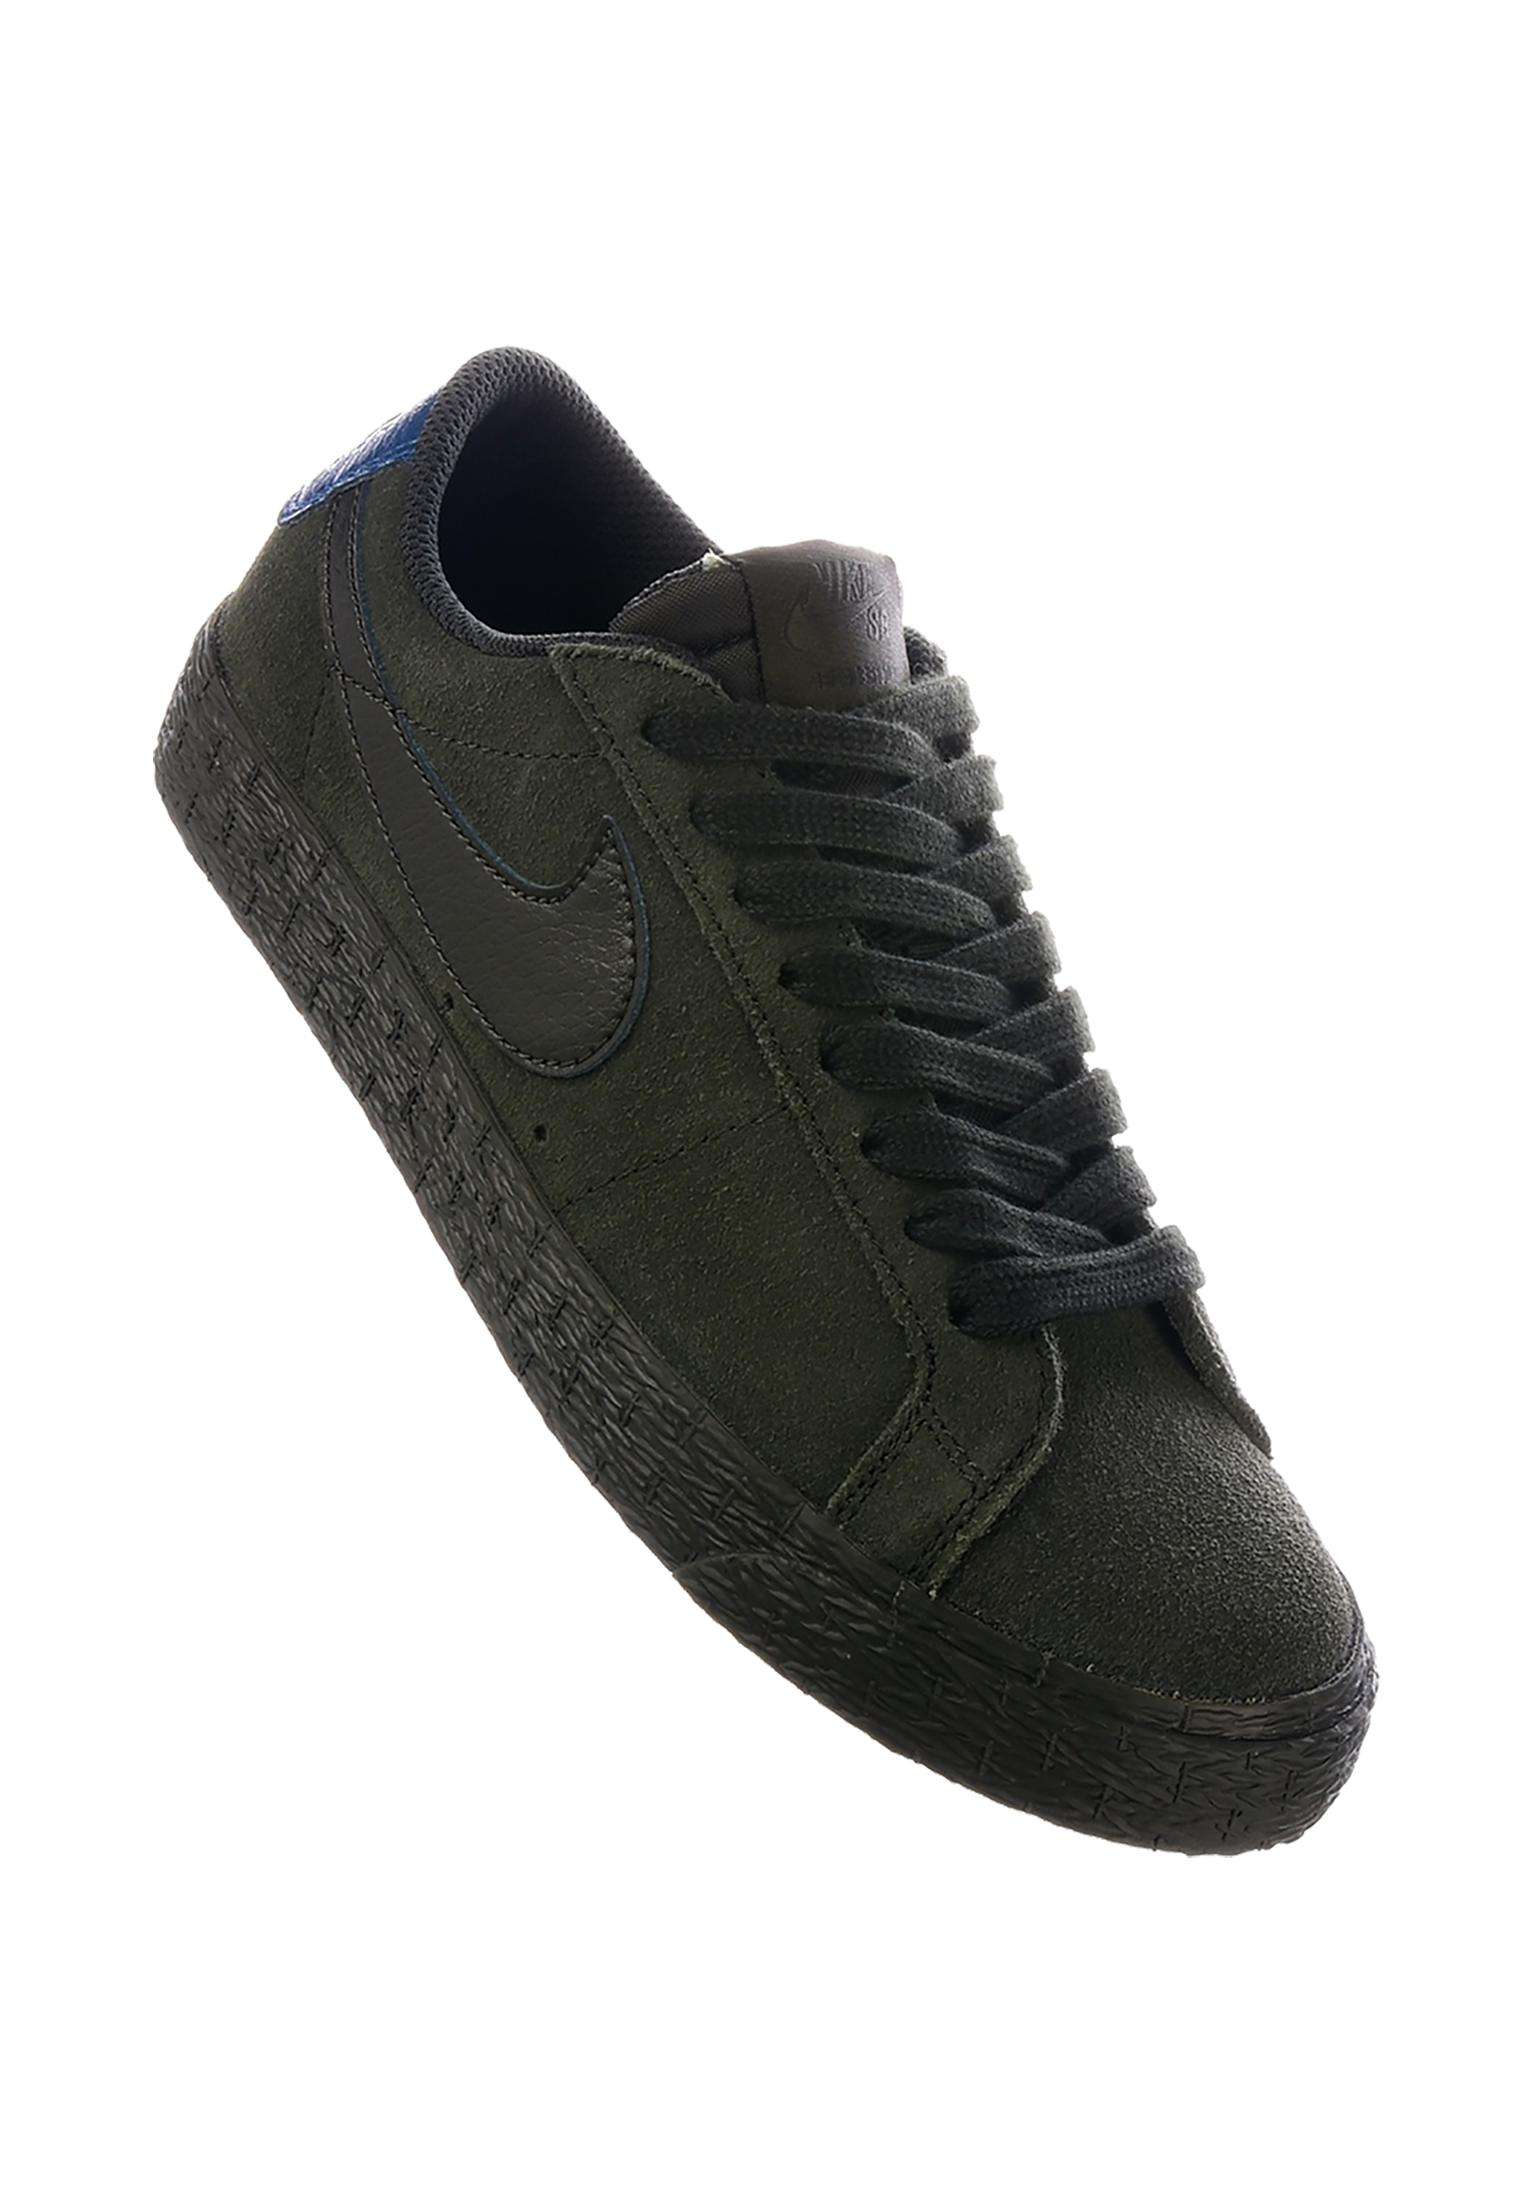 9802ff5a78 Zoom Blazer Low Nike SB Alle Schuhe in sequoia-sequoia-blueforce für Damen  | Titus